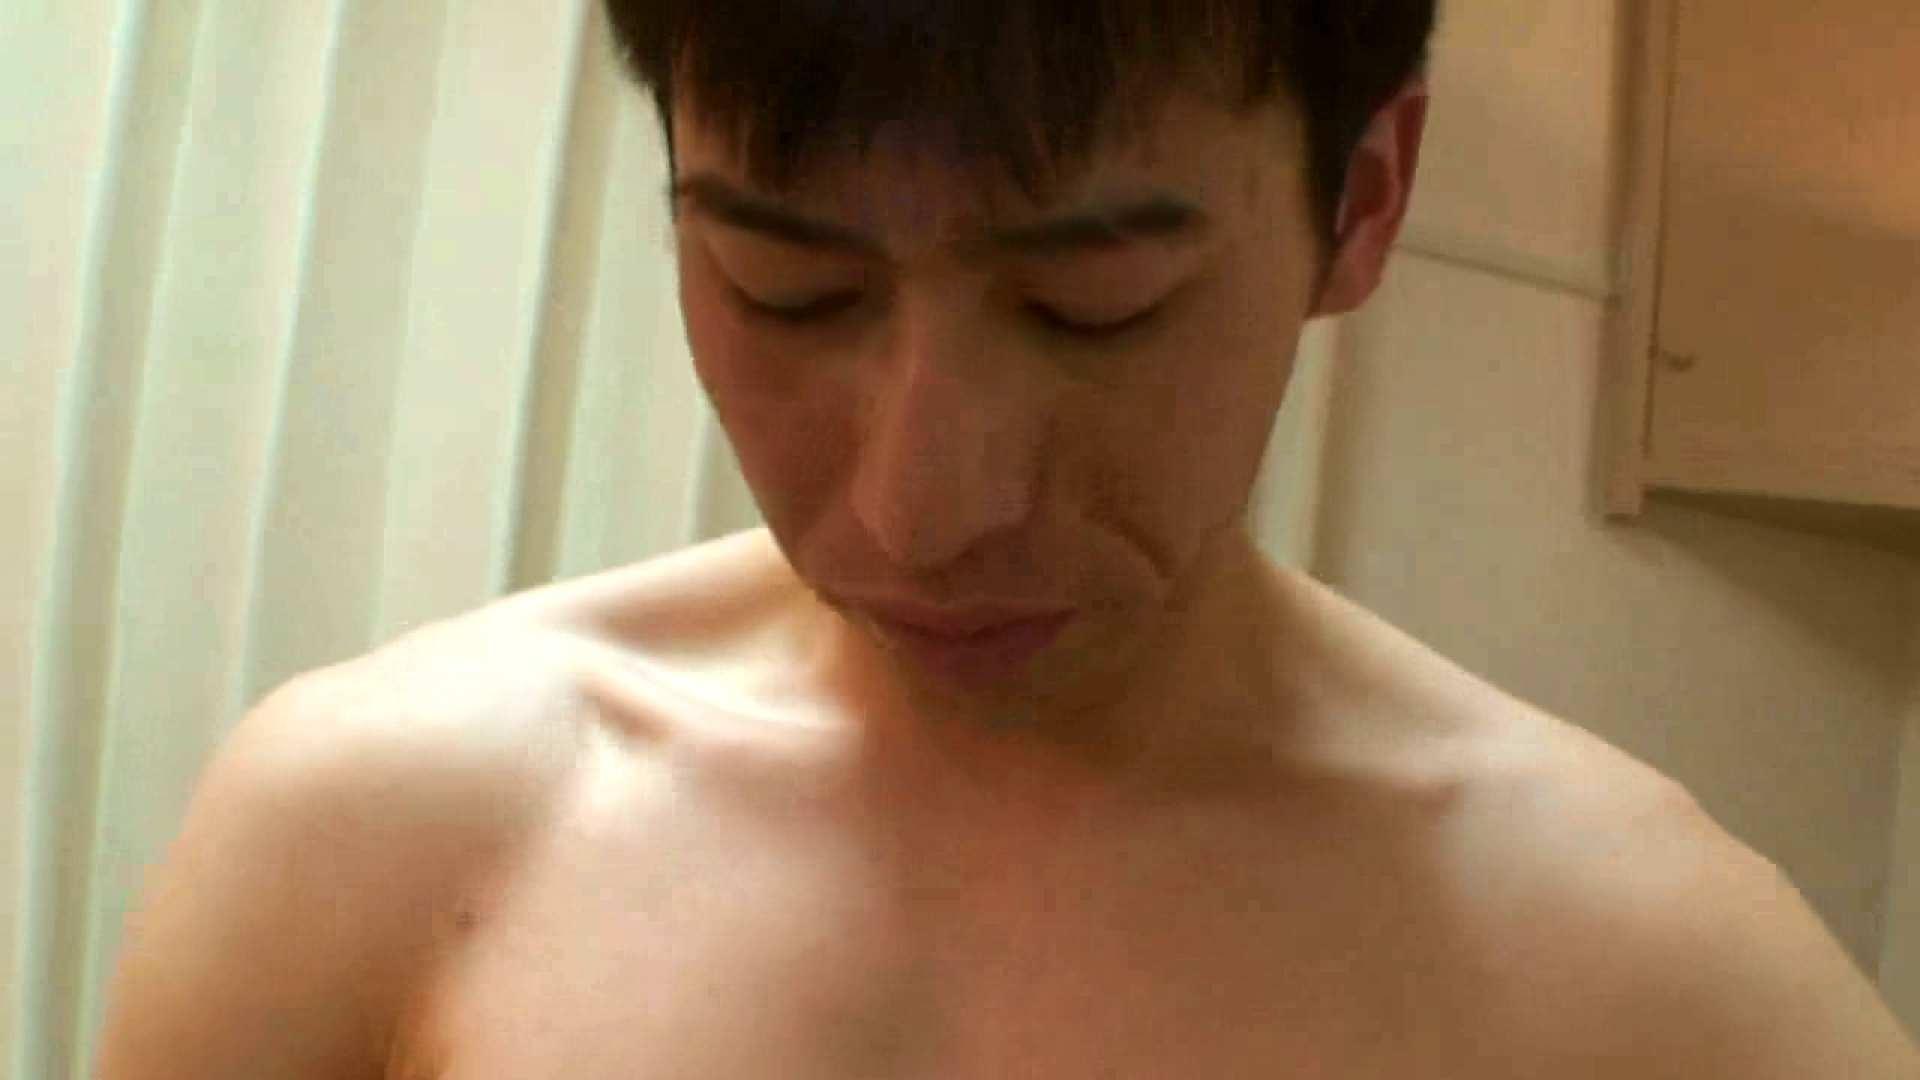 ノンケ!自慰スタジオ No.19 ノンケ達のセックス ゲイエロ動画 65画像 59